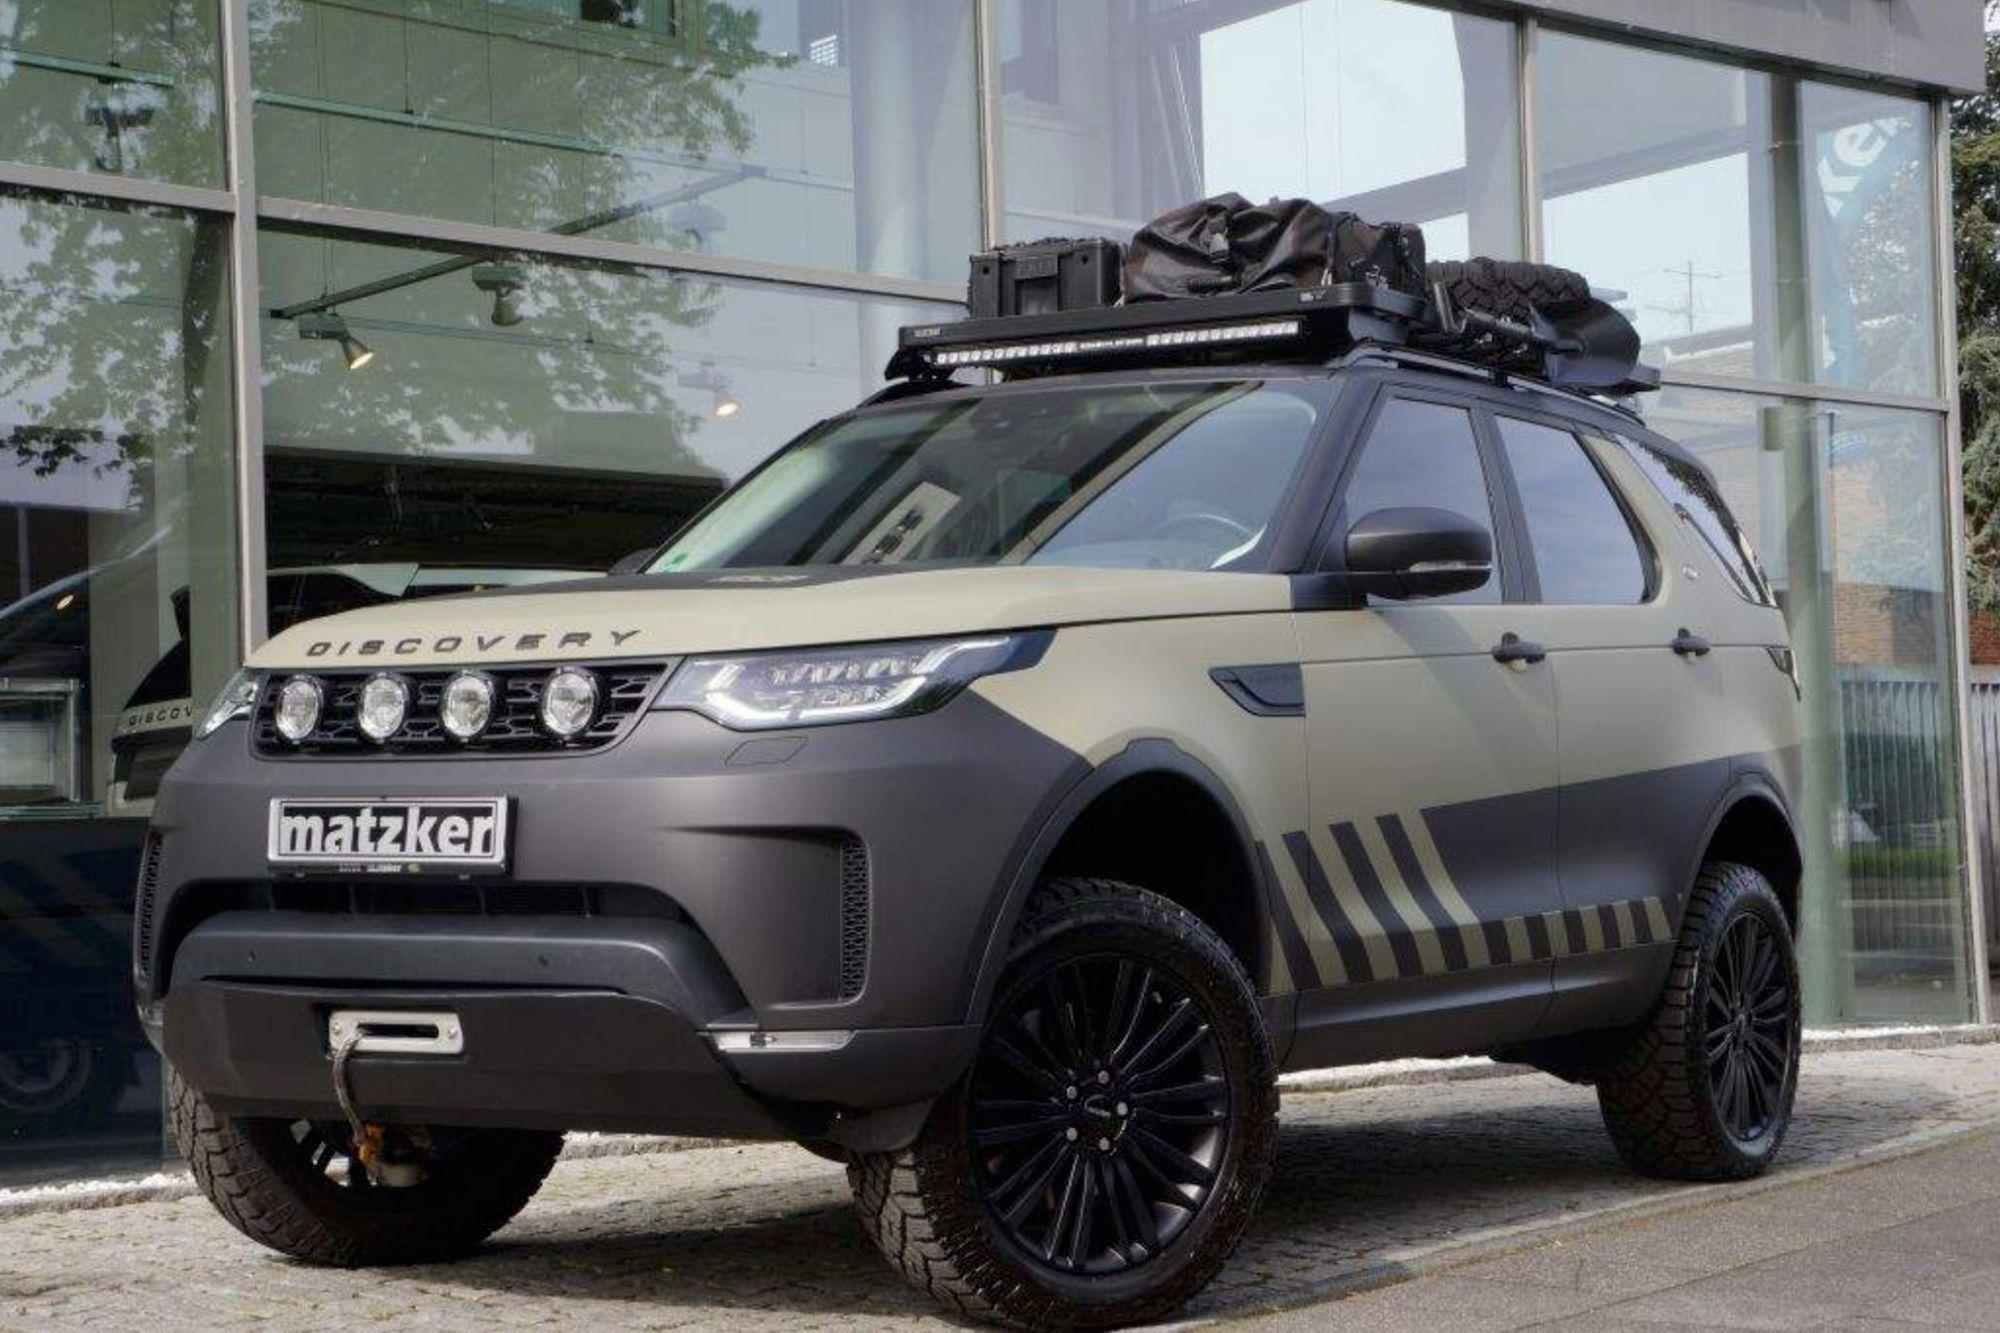 Expedition Portal Classifieds Matzker Discovery Expedition Portal Land Rover Discovery 5 Land Rover Land Rover Discovery